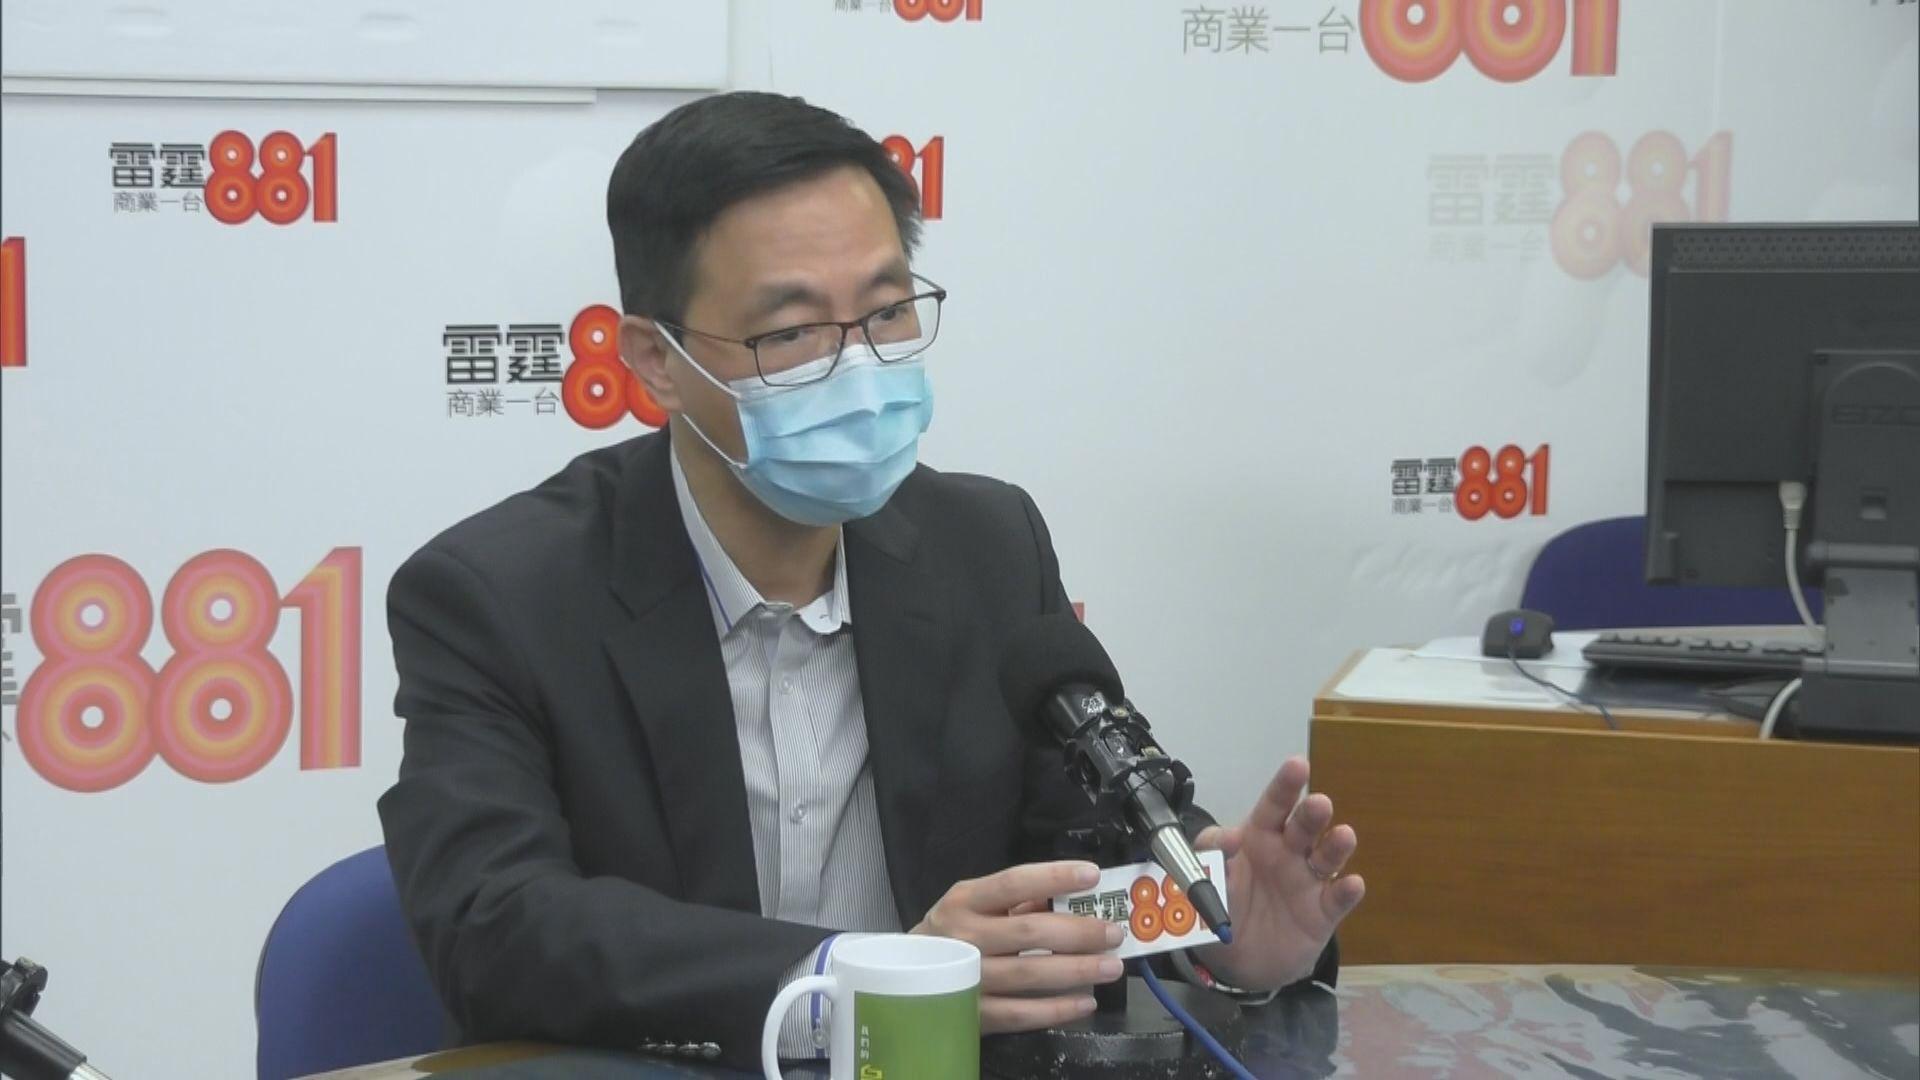 楊潤雄:教育局正爭取六月中讓中三至中五跨境學生回港復課